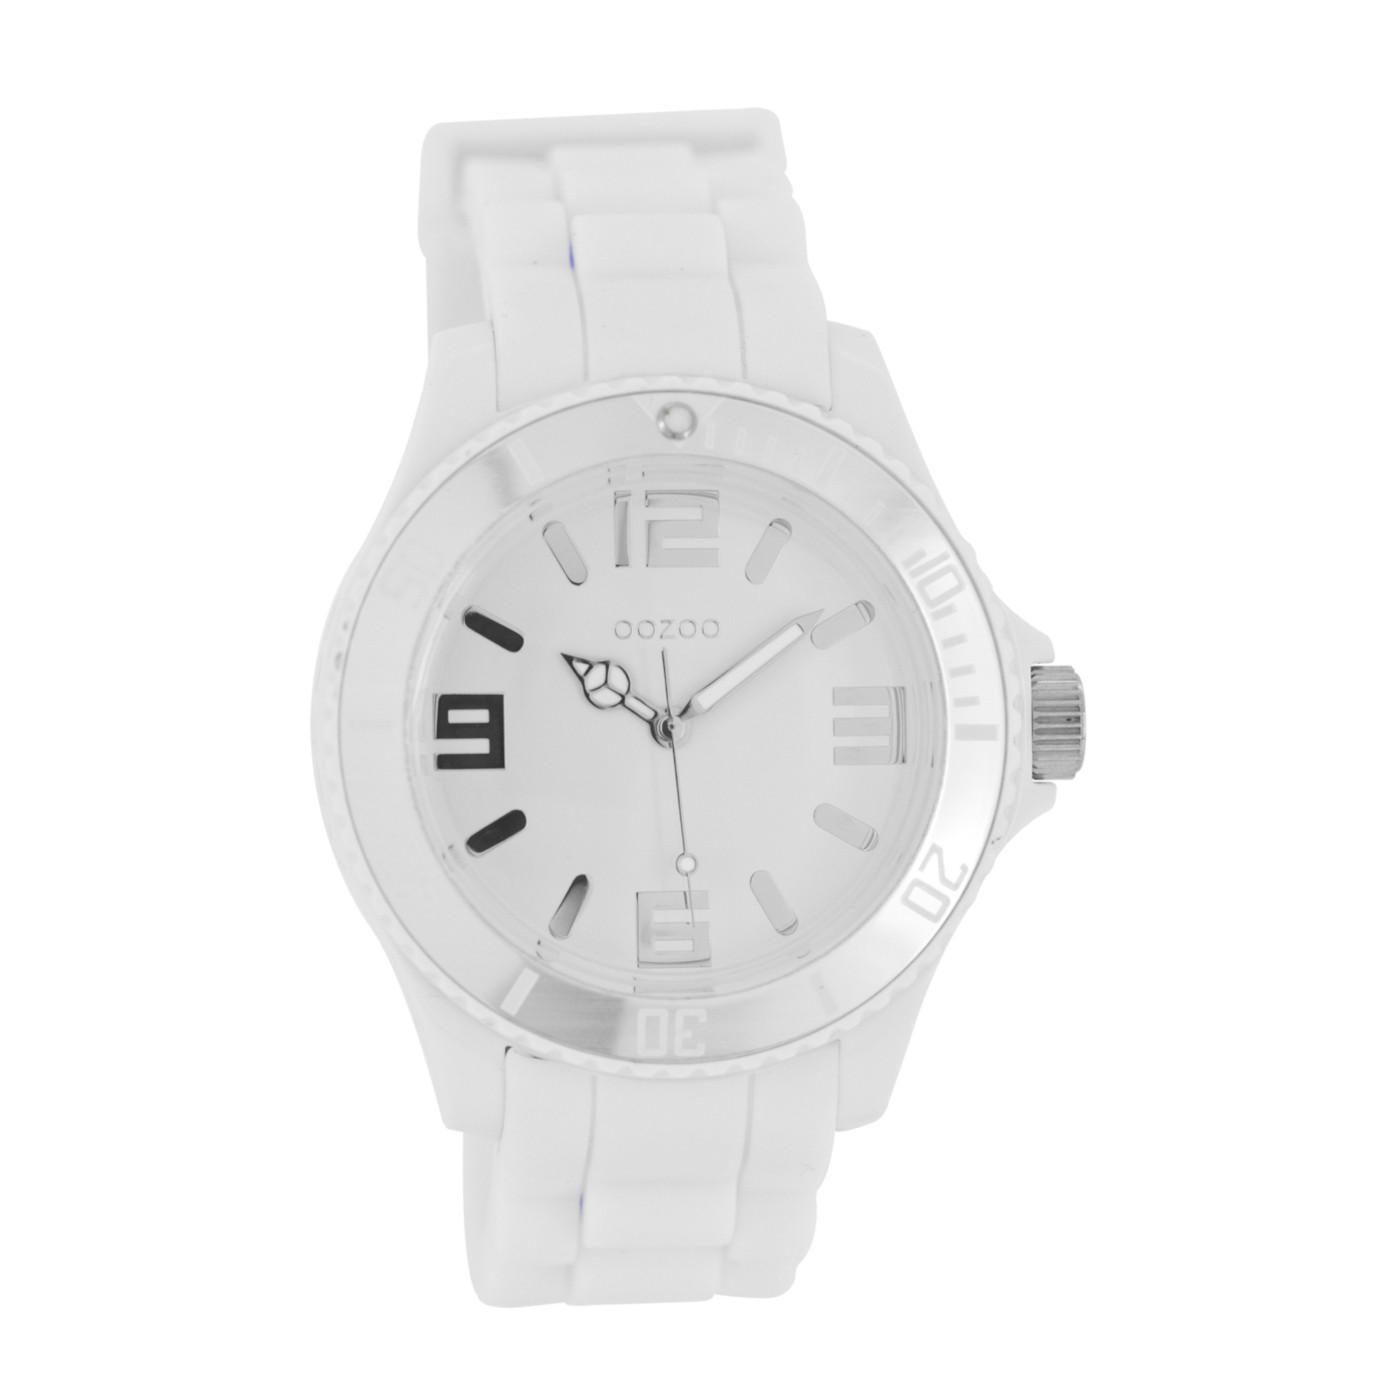 OOZOO Silicone Wit/Zilverkleurig horloge C4170 (43 mm)